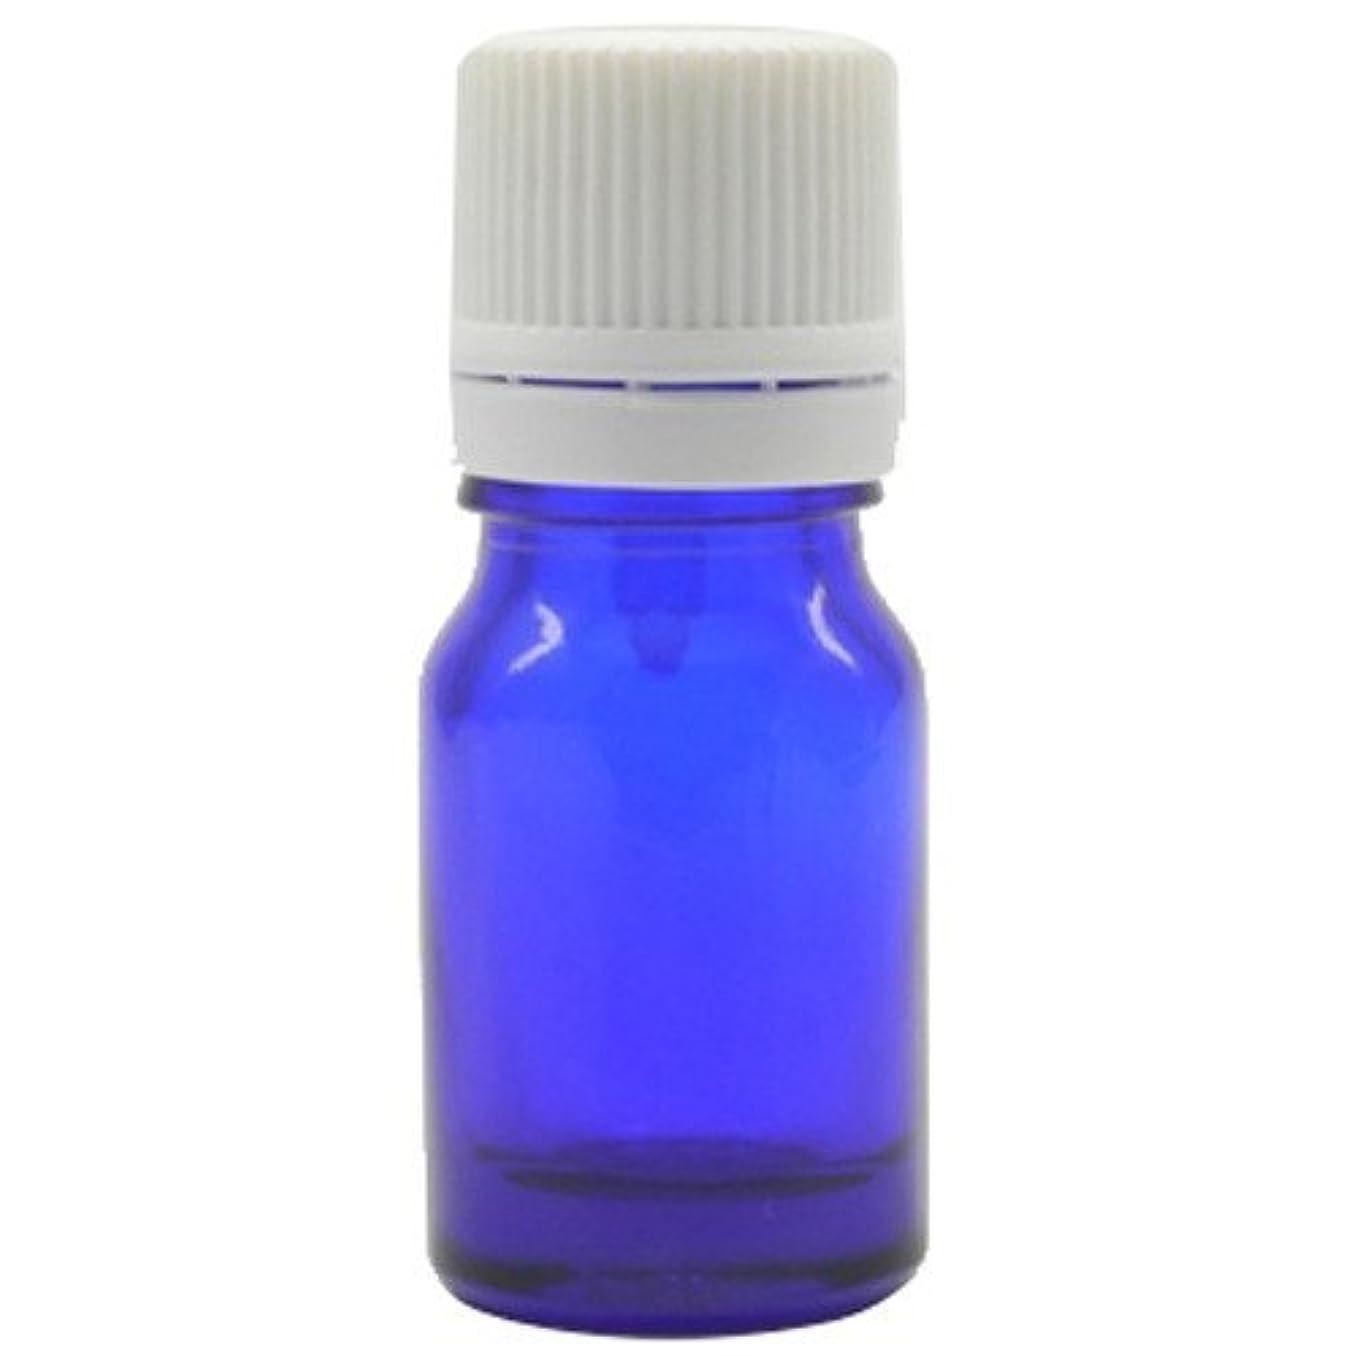 予言するバックグラウンド生じるアロマアンドライフ (K)ブルー瓶5mlドロップ栓白キャップ 3本セット